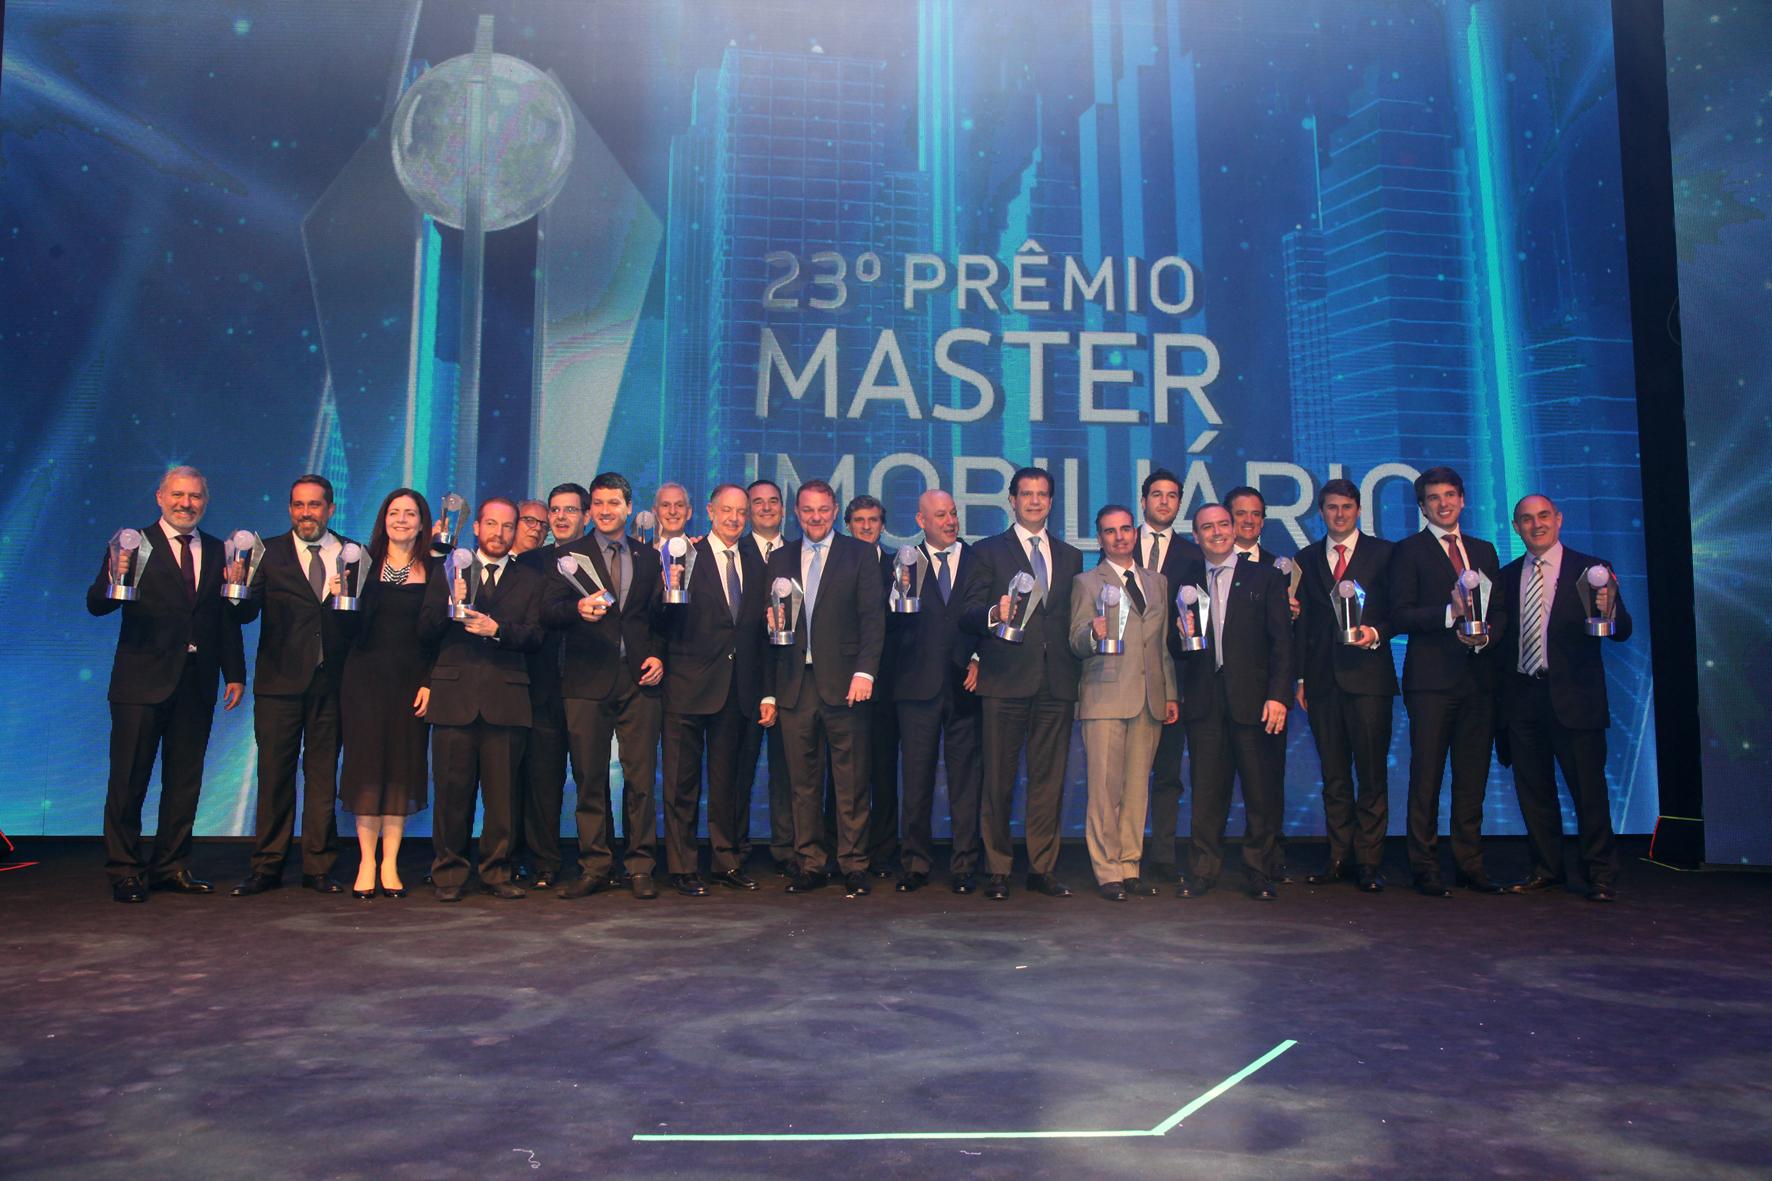 Tudo sobre a festa de entrega do Prêmio Master Imobiliário 2017